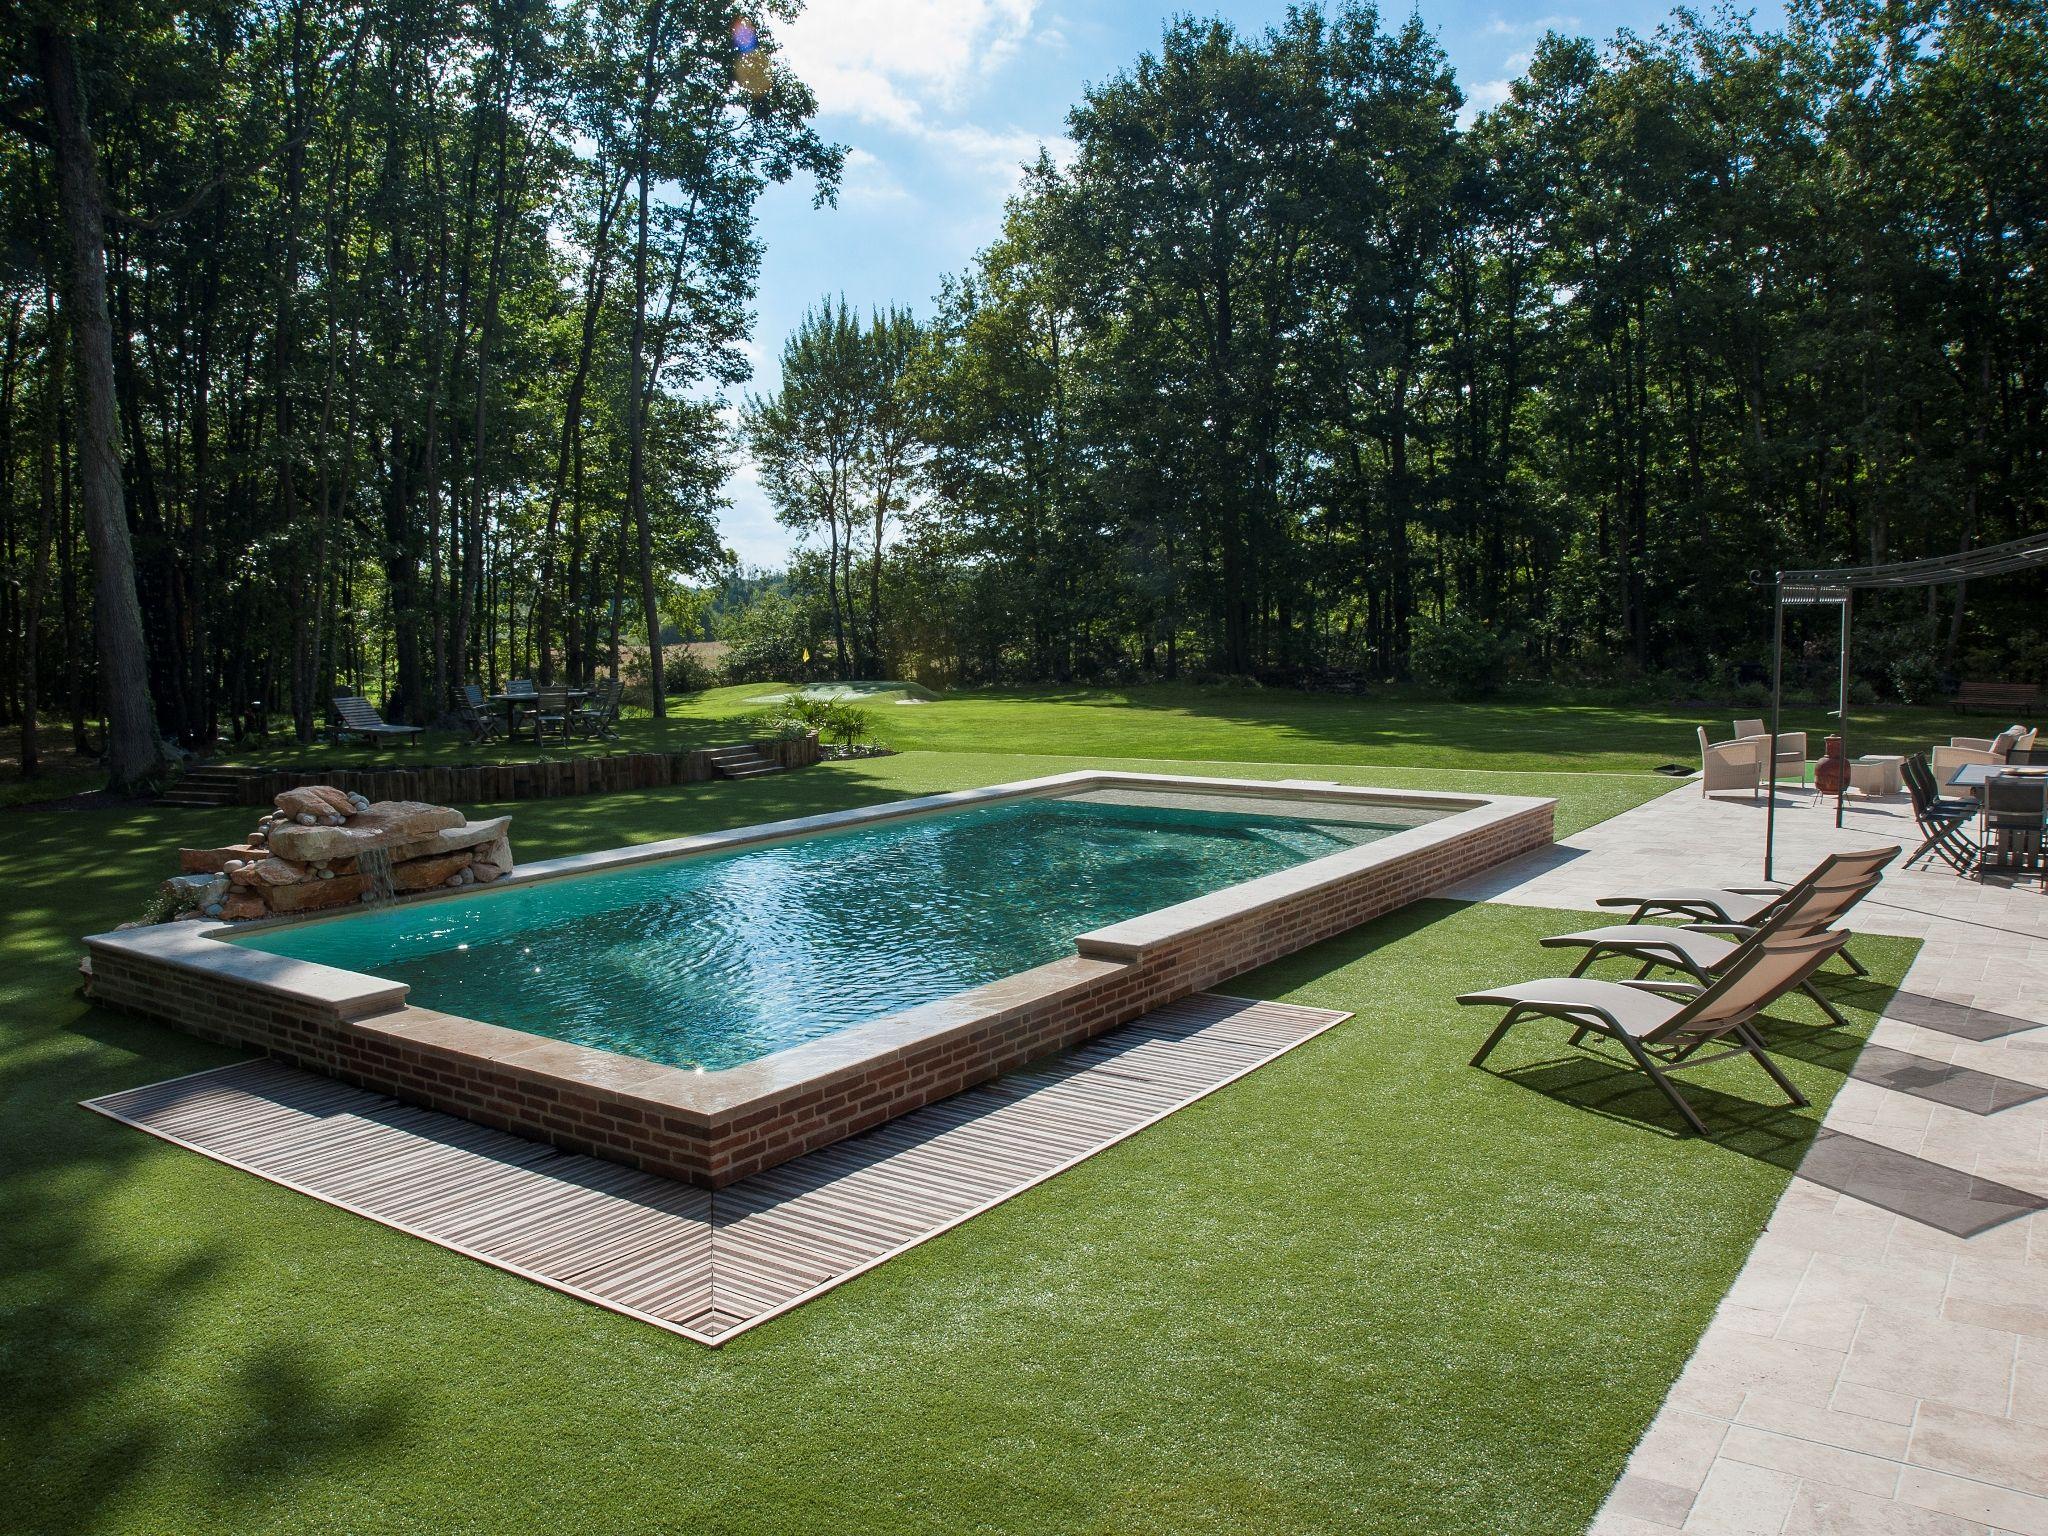 le d bordement par l 39 esprit piscine 9 50 x 4 50 m rev tement sable touch relax escalier d. Black Bedroom Furniture Sets. Home Design Ideas